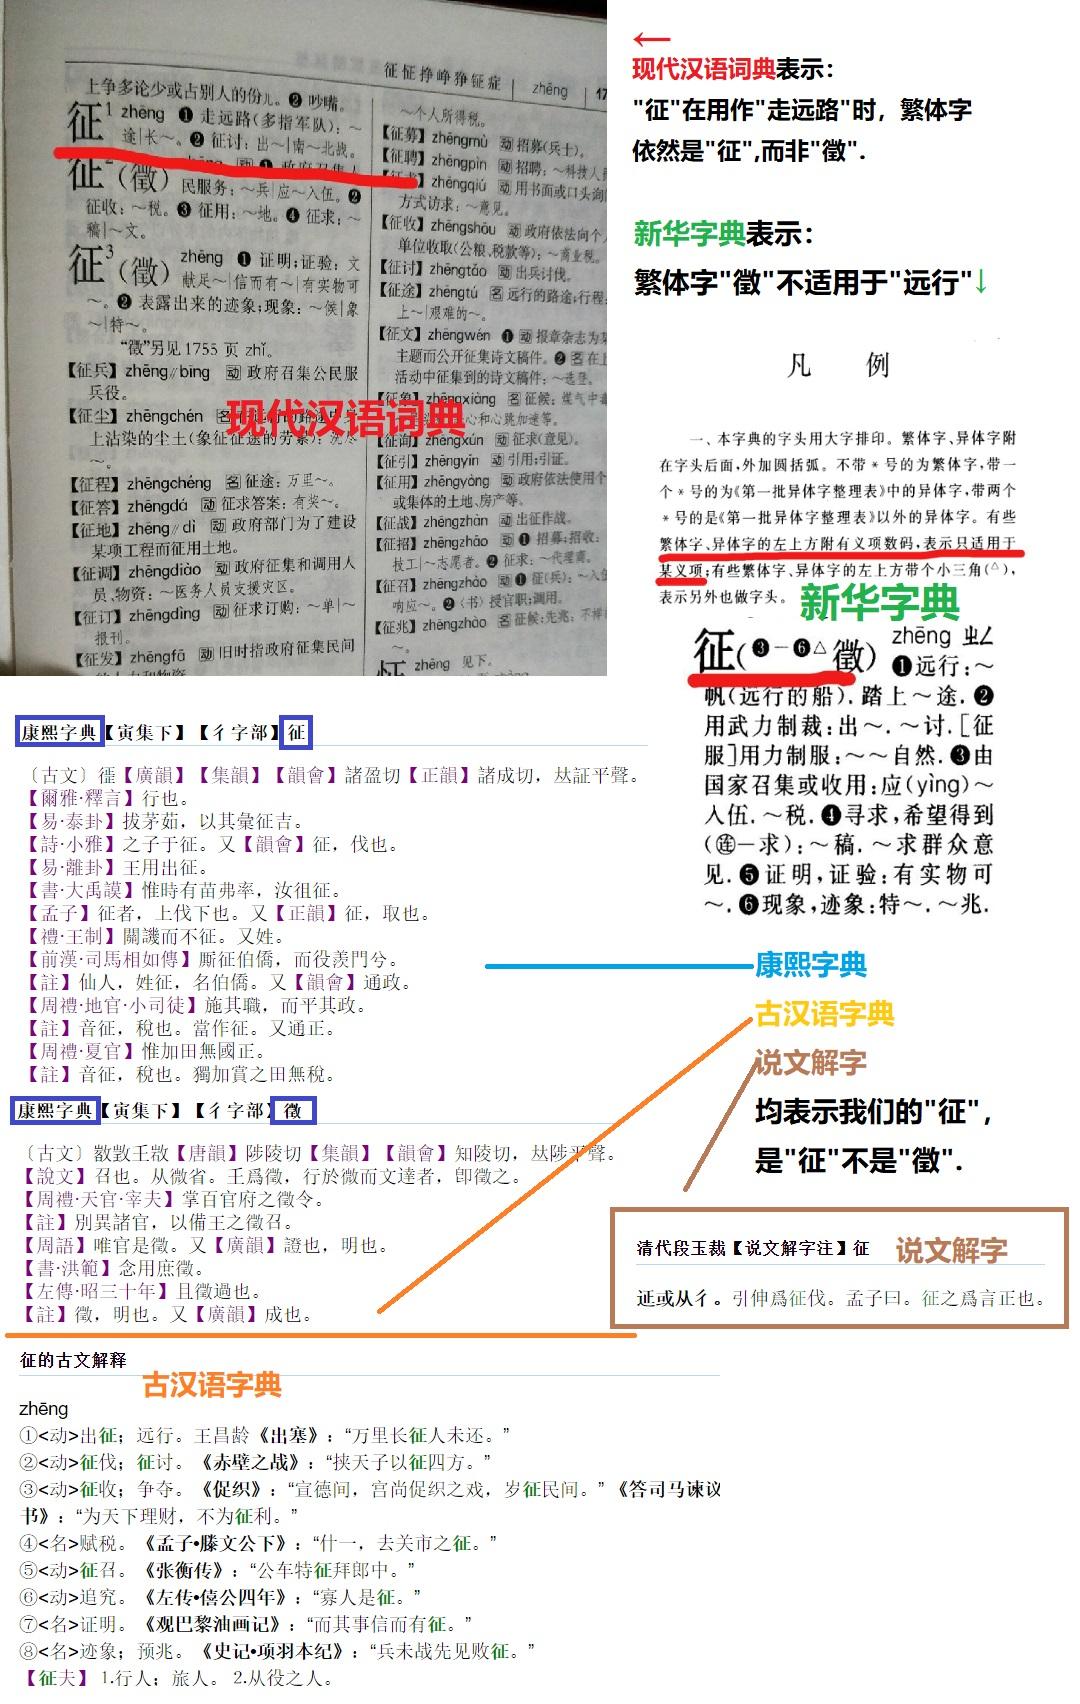 繁体字简化合并了同音字,这真坑苦了那些简单粗暴使用简繁转化器的人, 新华字典 现代汉语词典 康熙字典 古汉语字典 说文解字 等权威字典证明靳东老师又双叒叕错了